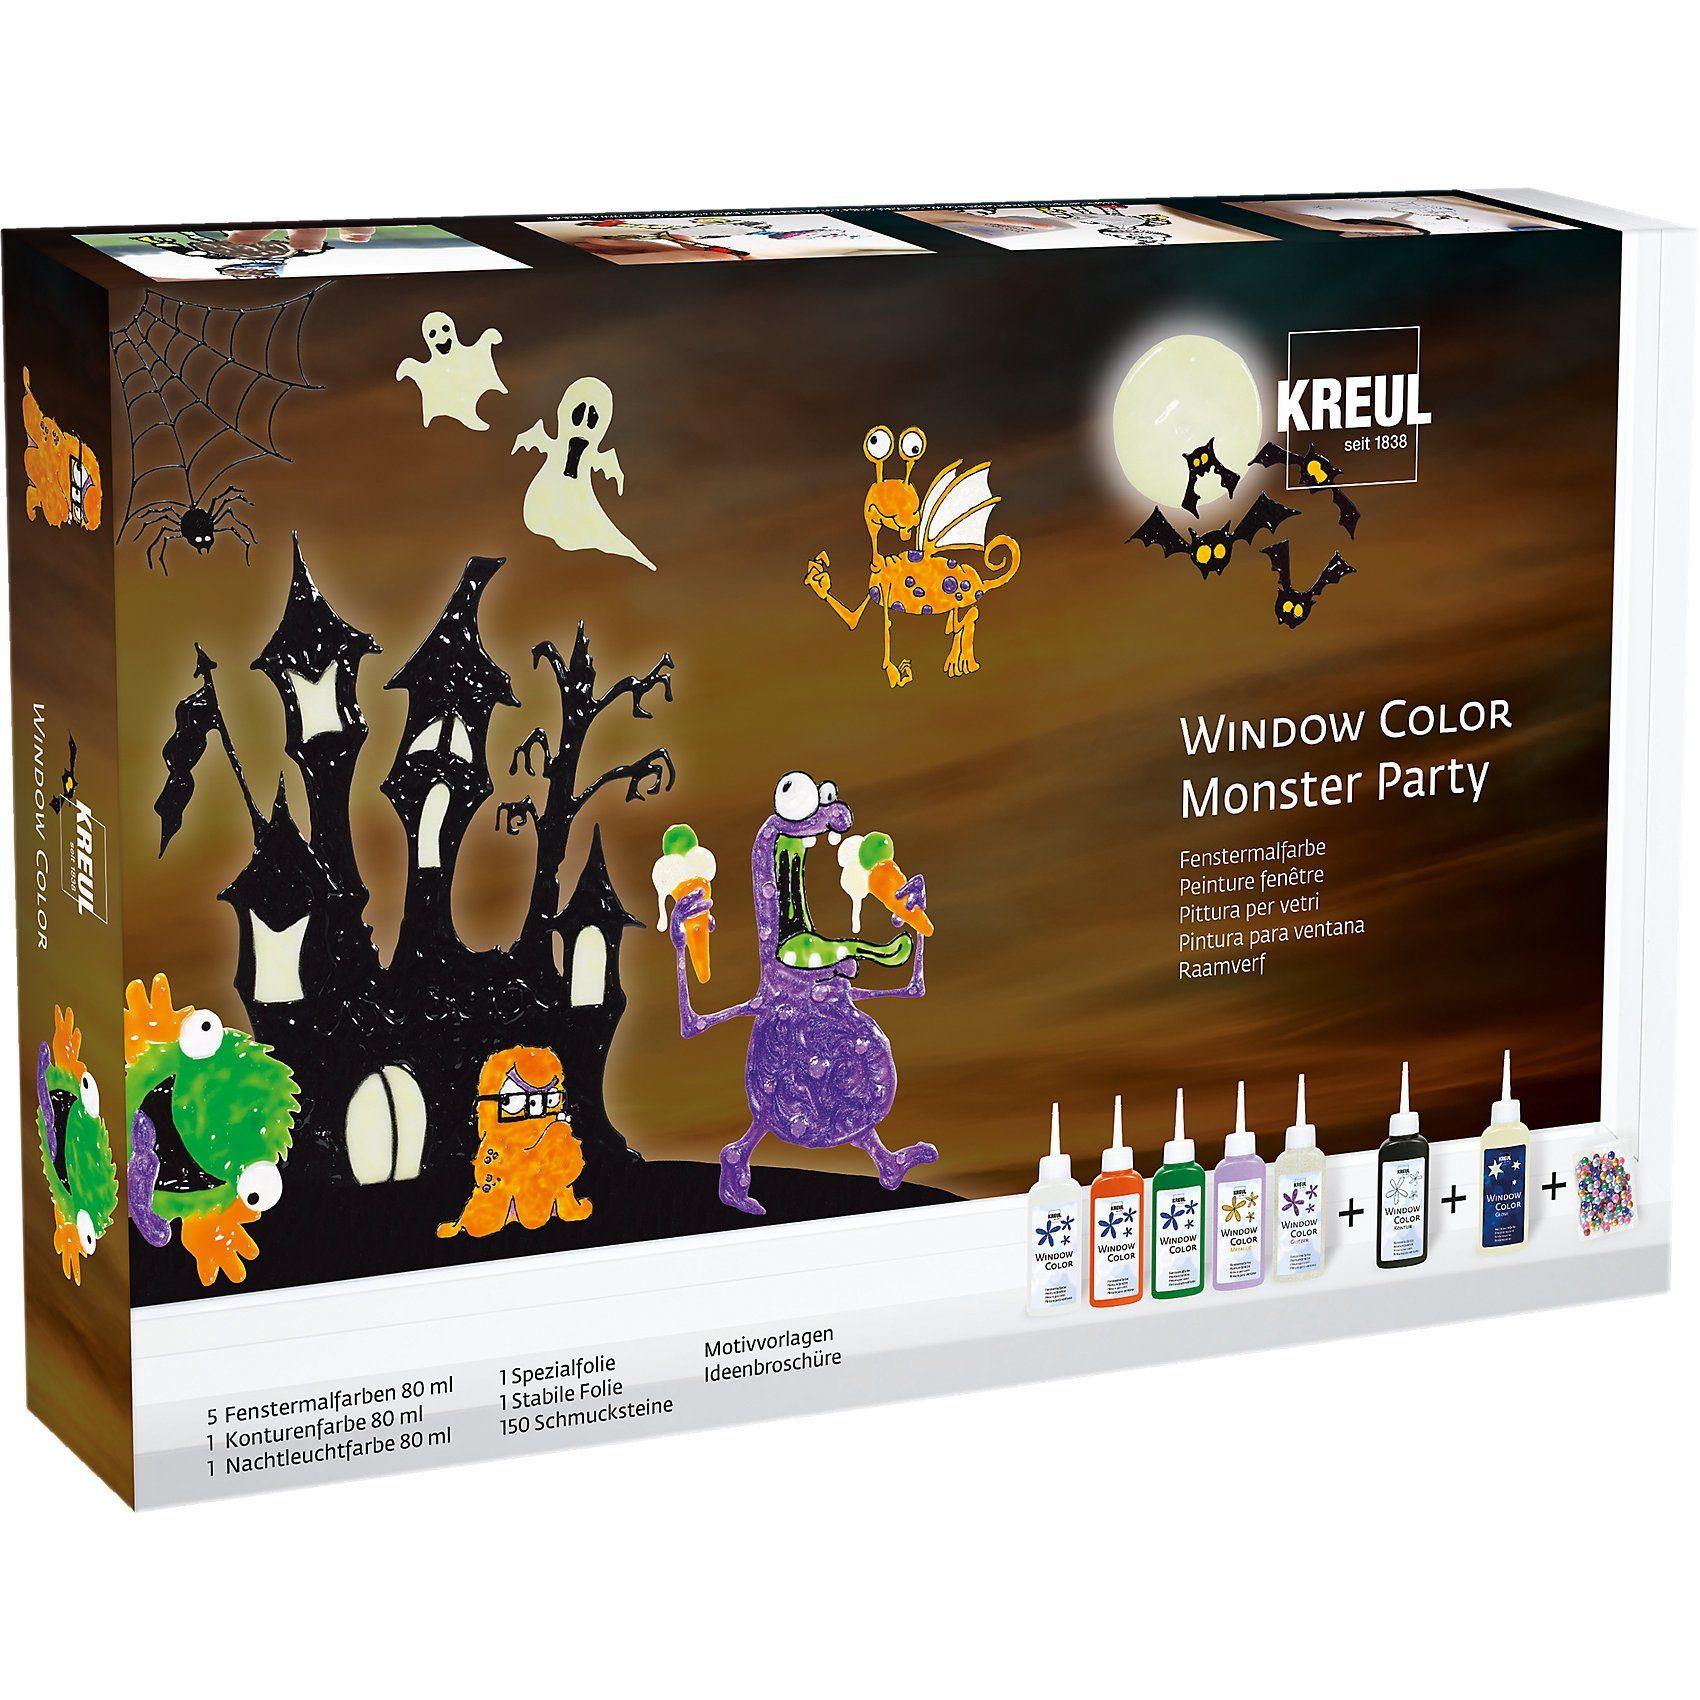 C. KREUL Window Color Monster Party Set